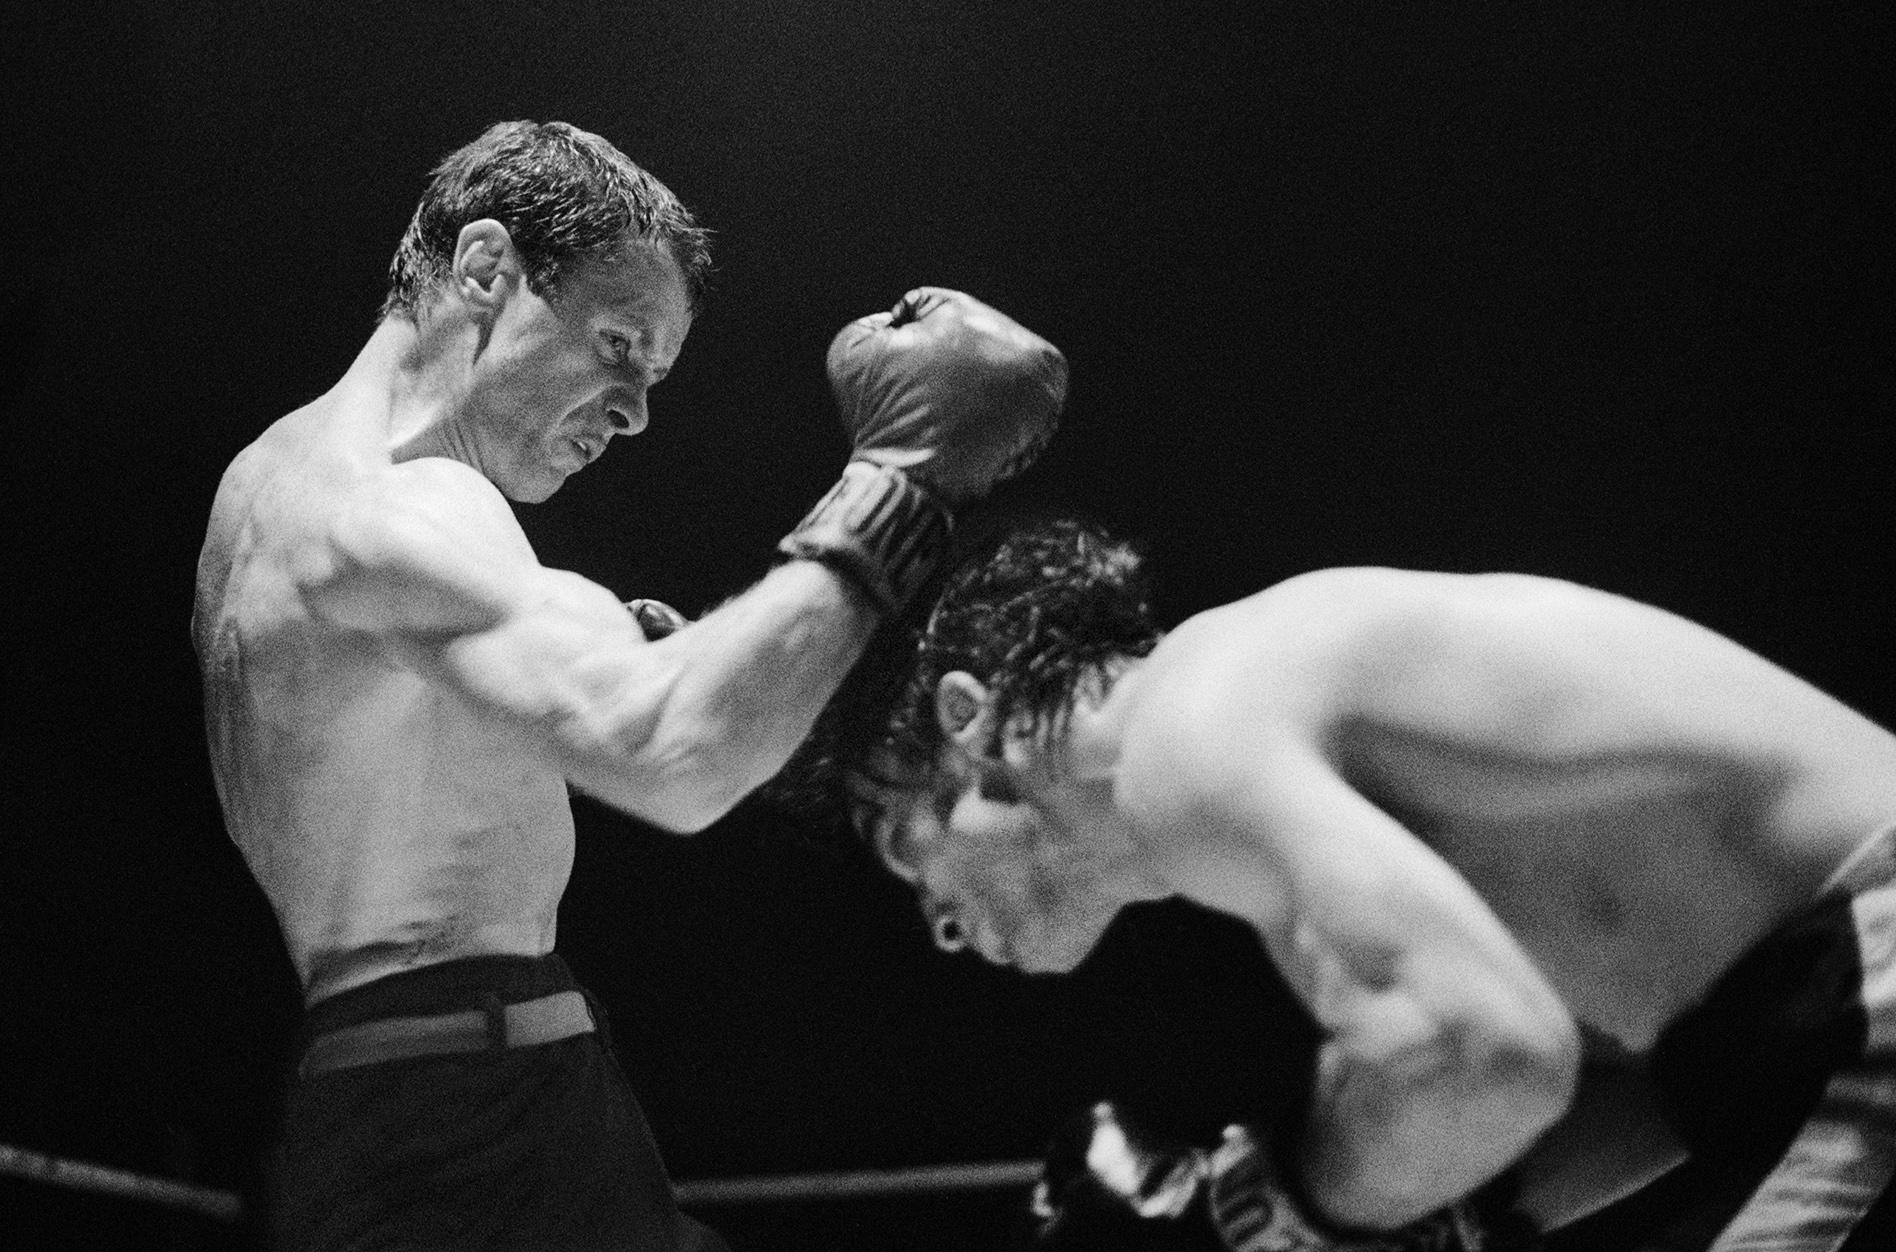 Der ehemalige Europameister im Fliegengewicht Fritz Chervet (links) gewinnt 1974 in Genf bei seinem Comeback, in einem hart geführten Kampf, gegen den Spanier Mariano Garcia über zehn Runden nach Punkten.